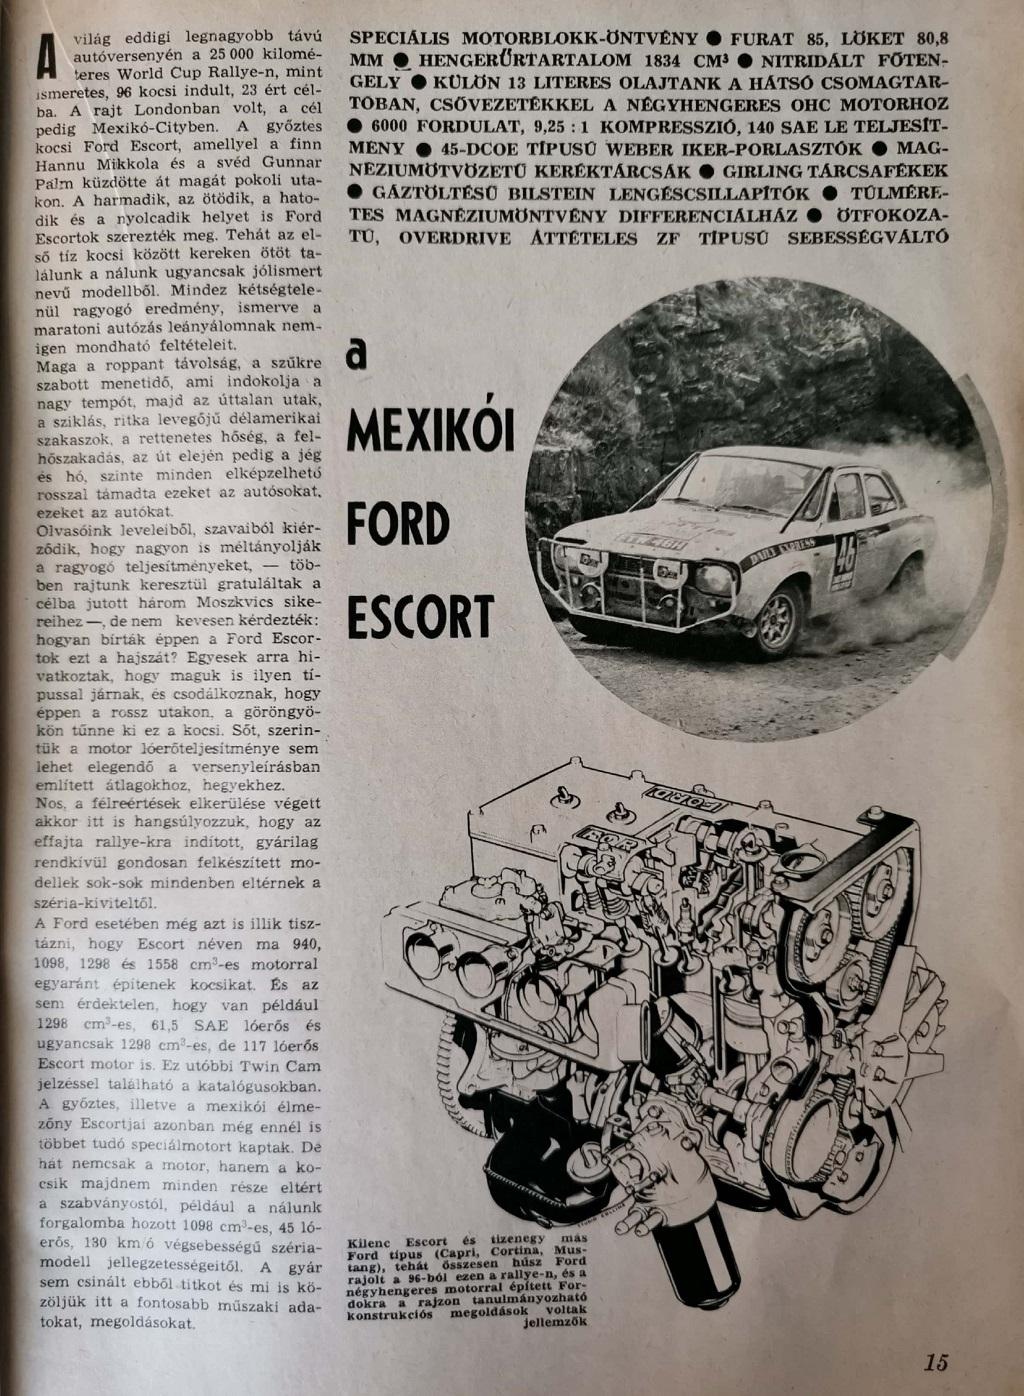 a Mexikói Ford Escort